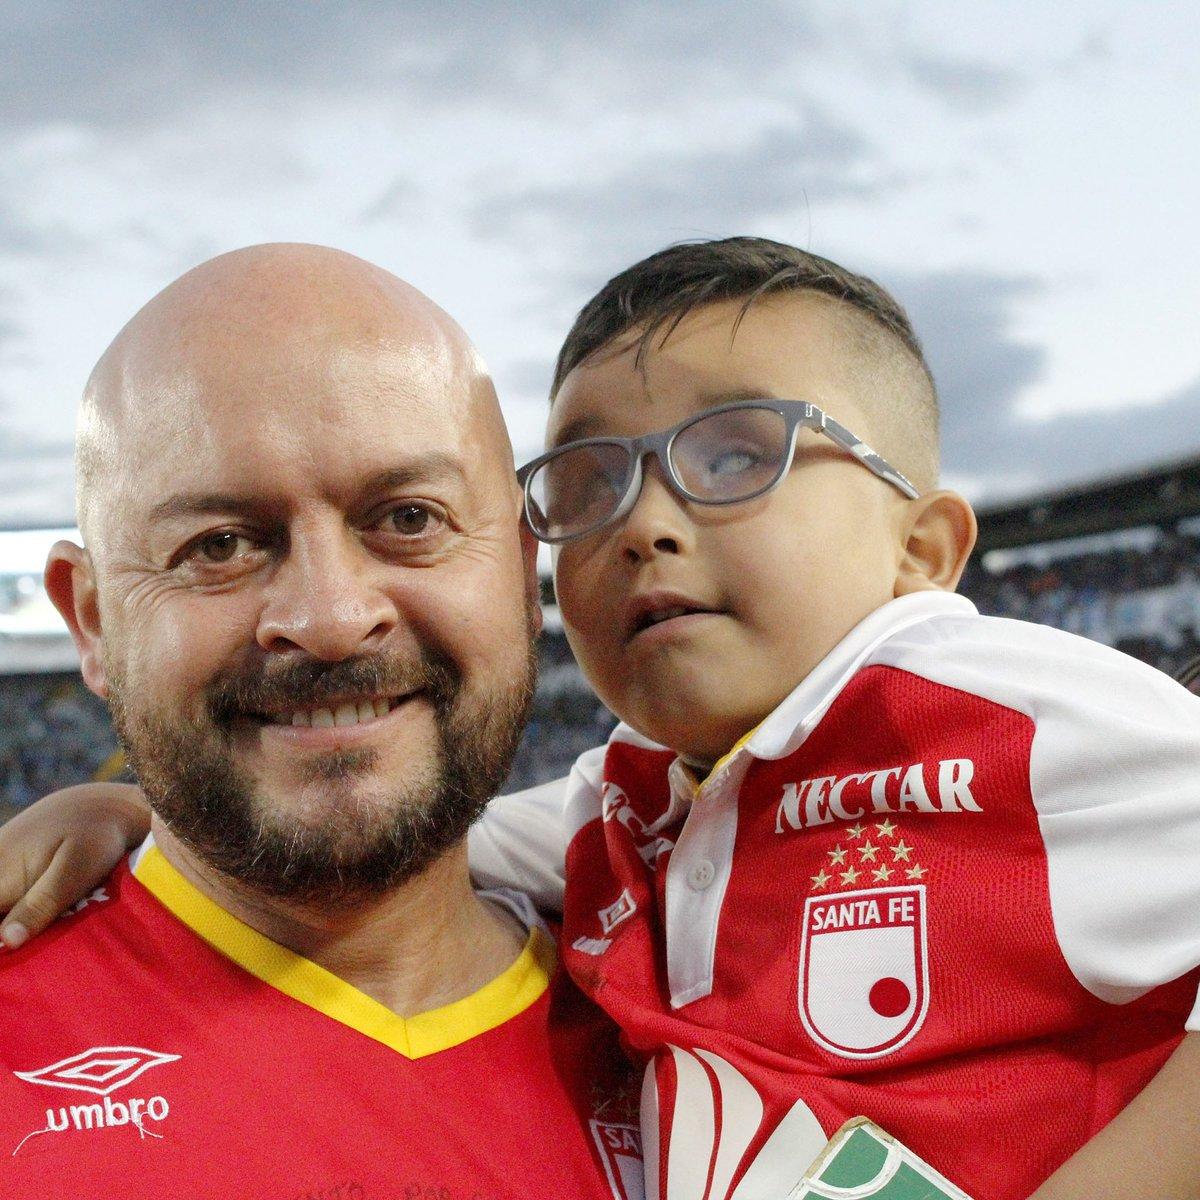 El hincha No 1 de las tribunas, mi gran amigo Juan Sebastián, quien nos enseña a ver y disfrutar la vida con los ojos del corazón! Gracias mi juanse y @mila_sfe por estar!!!  @FIFAcom @brfootball @SantaFe @Dimayor @Futcol_fpc @futbolete